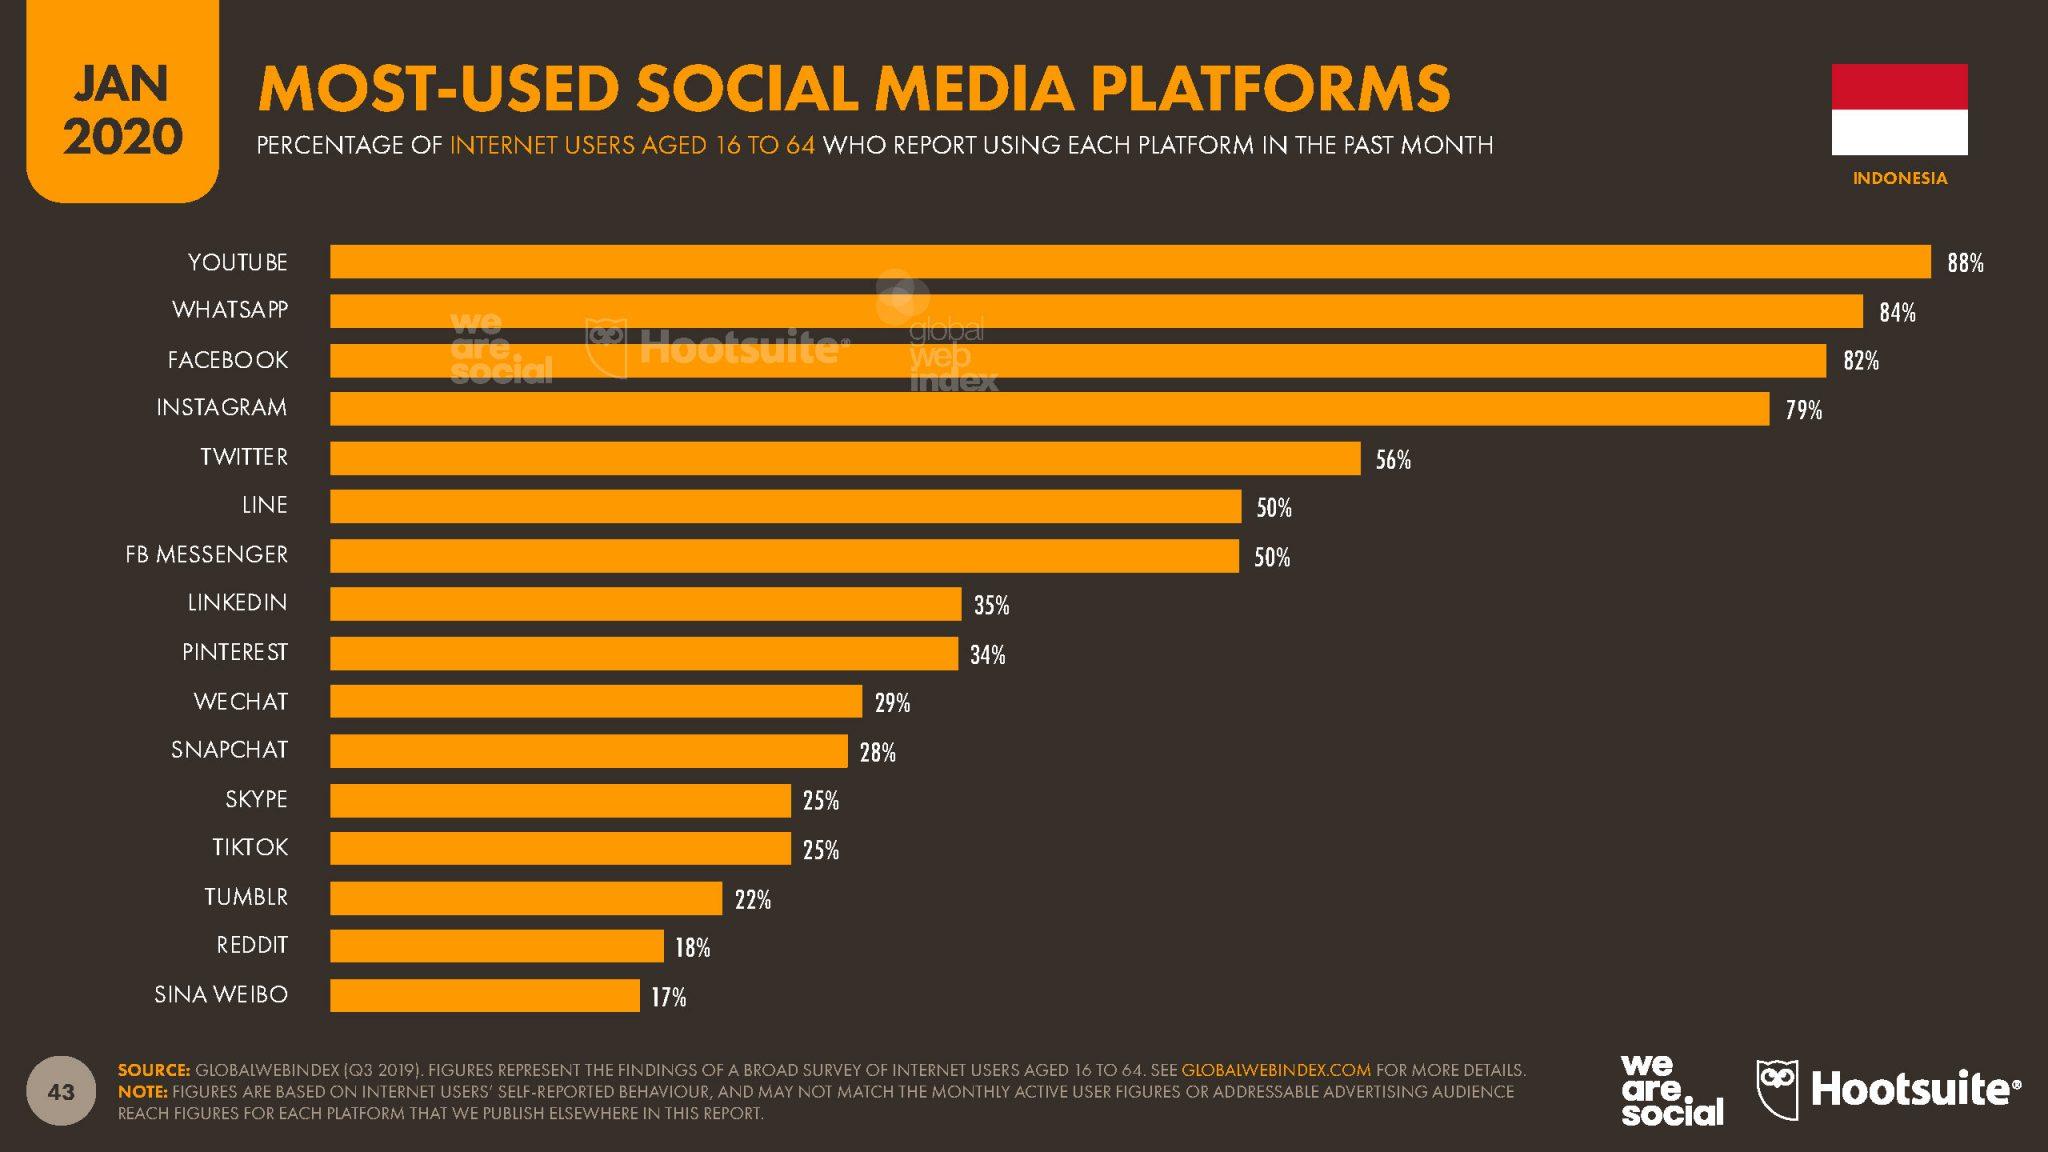 sosial media paling banyak di gunakan oleh orang Indonesia